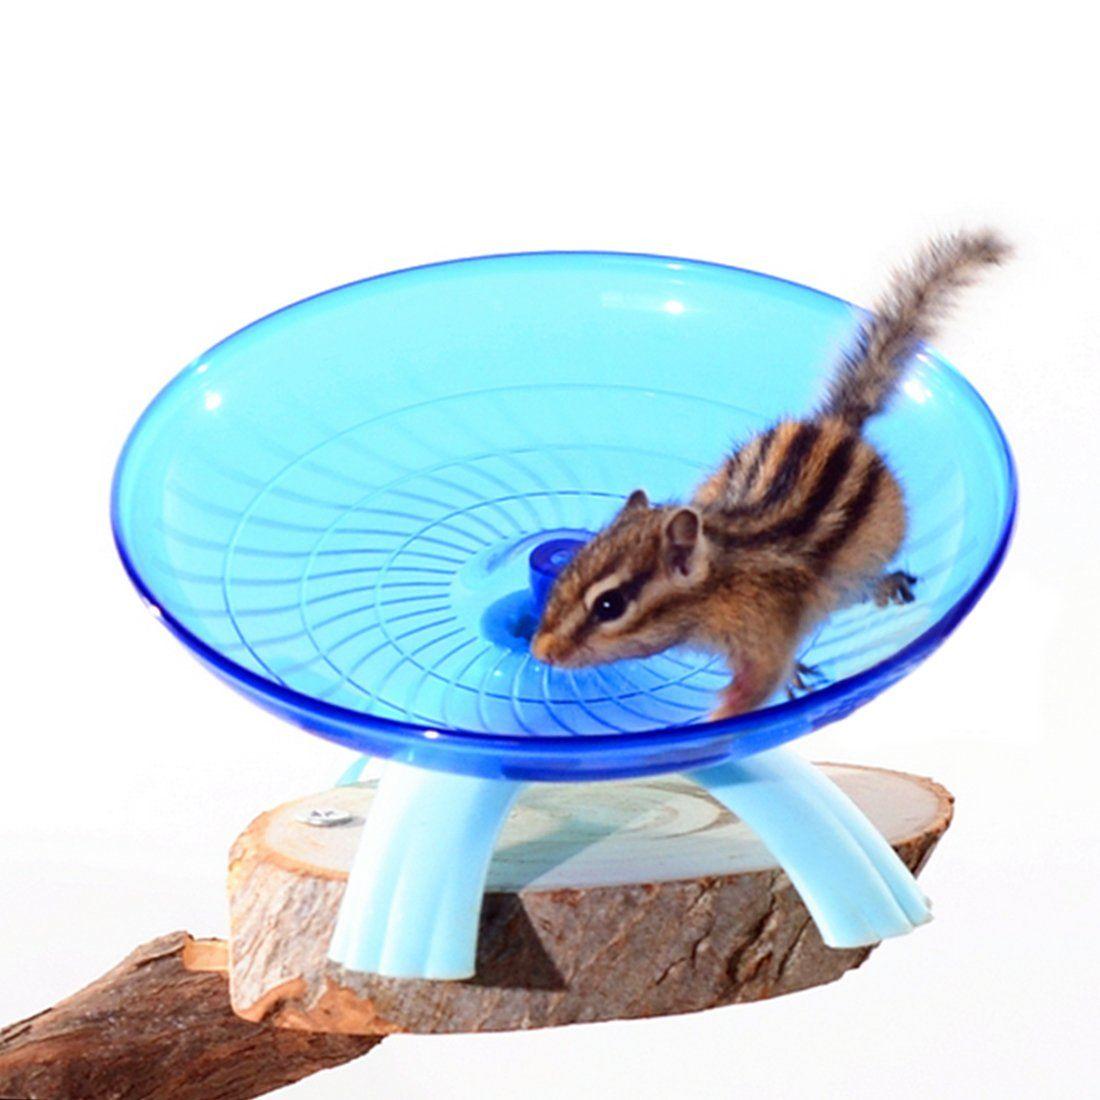 Petforu Flying Saucer Hamster Mouse Health Care Pet